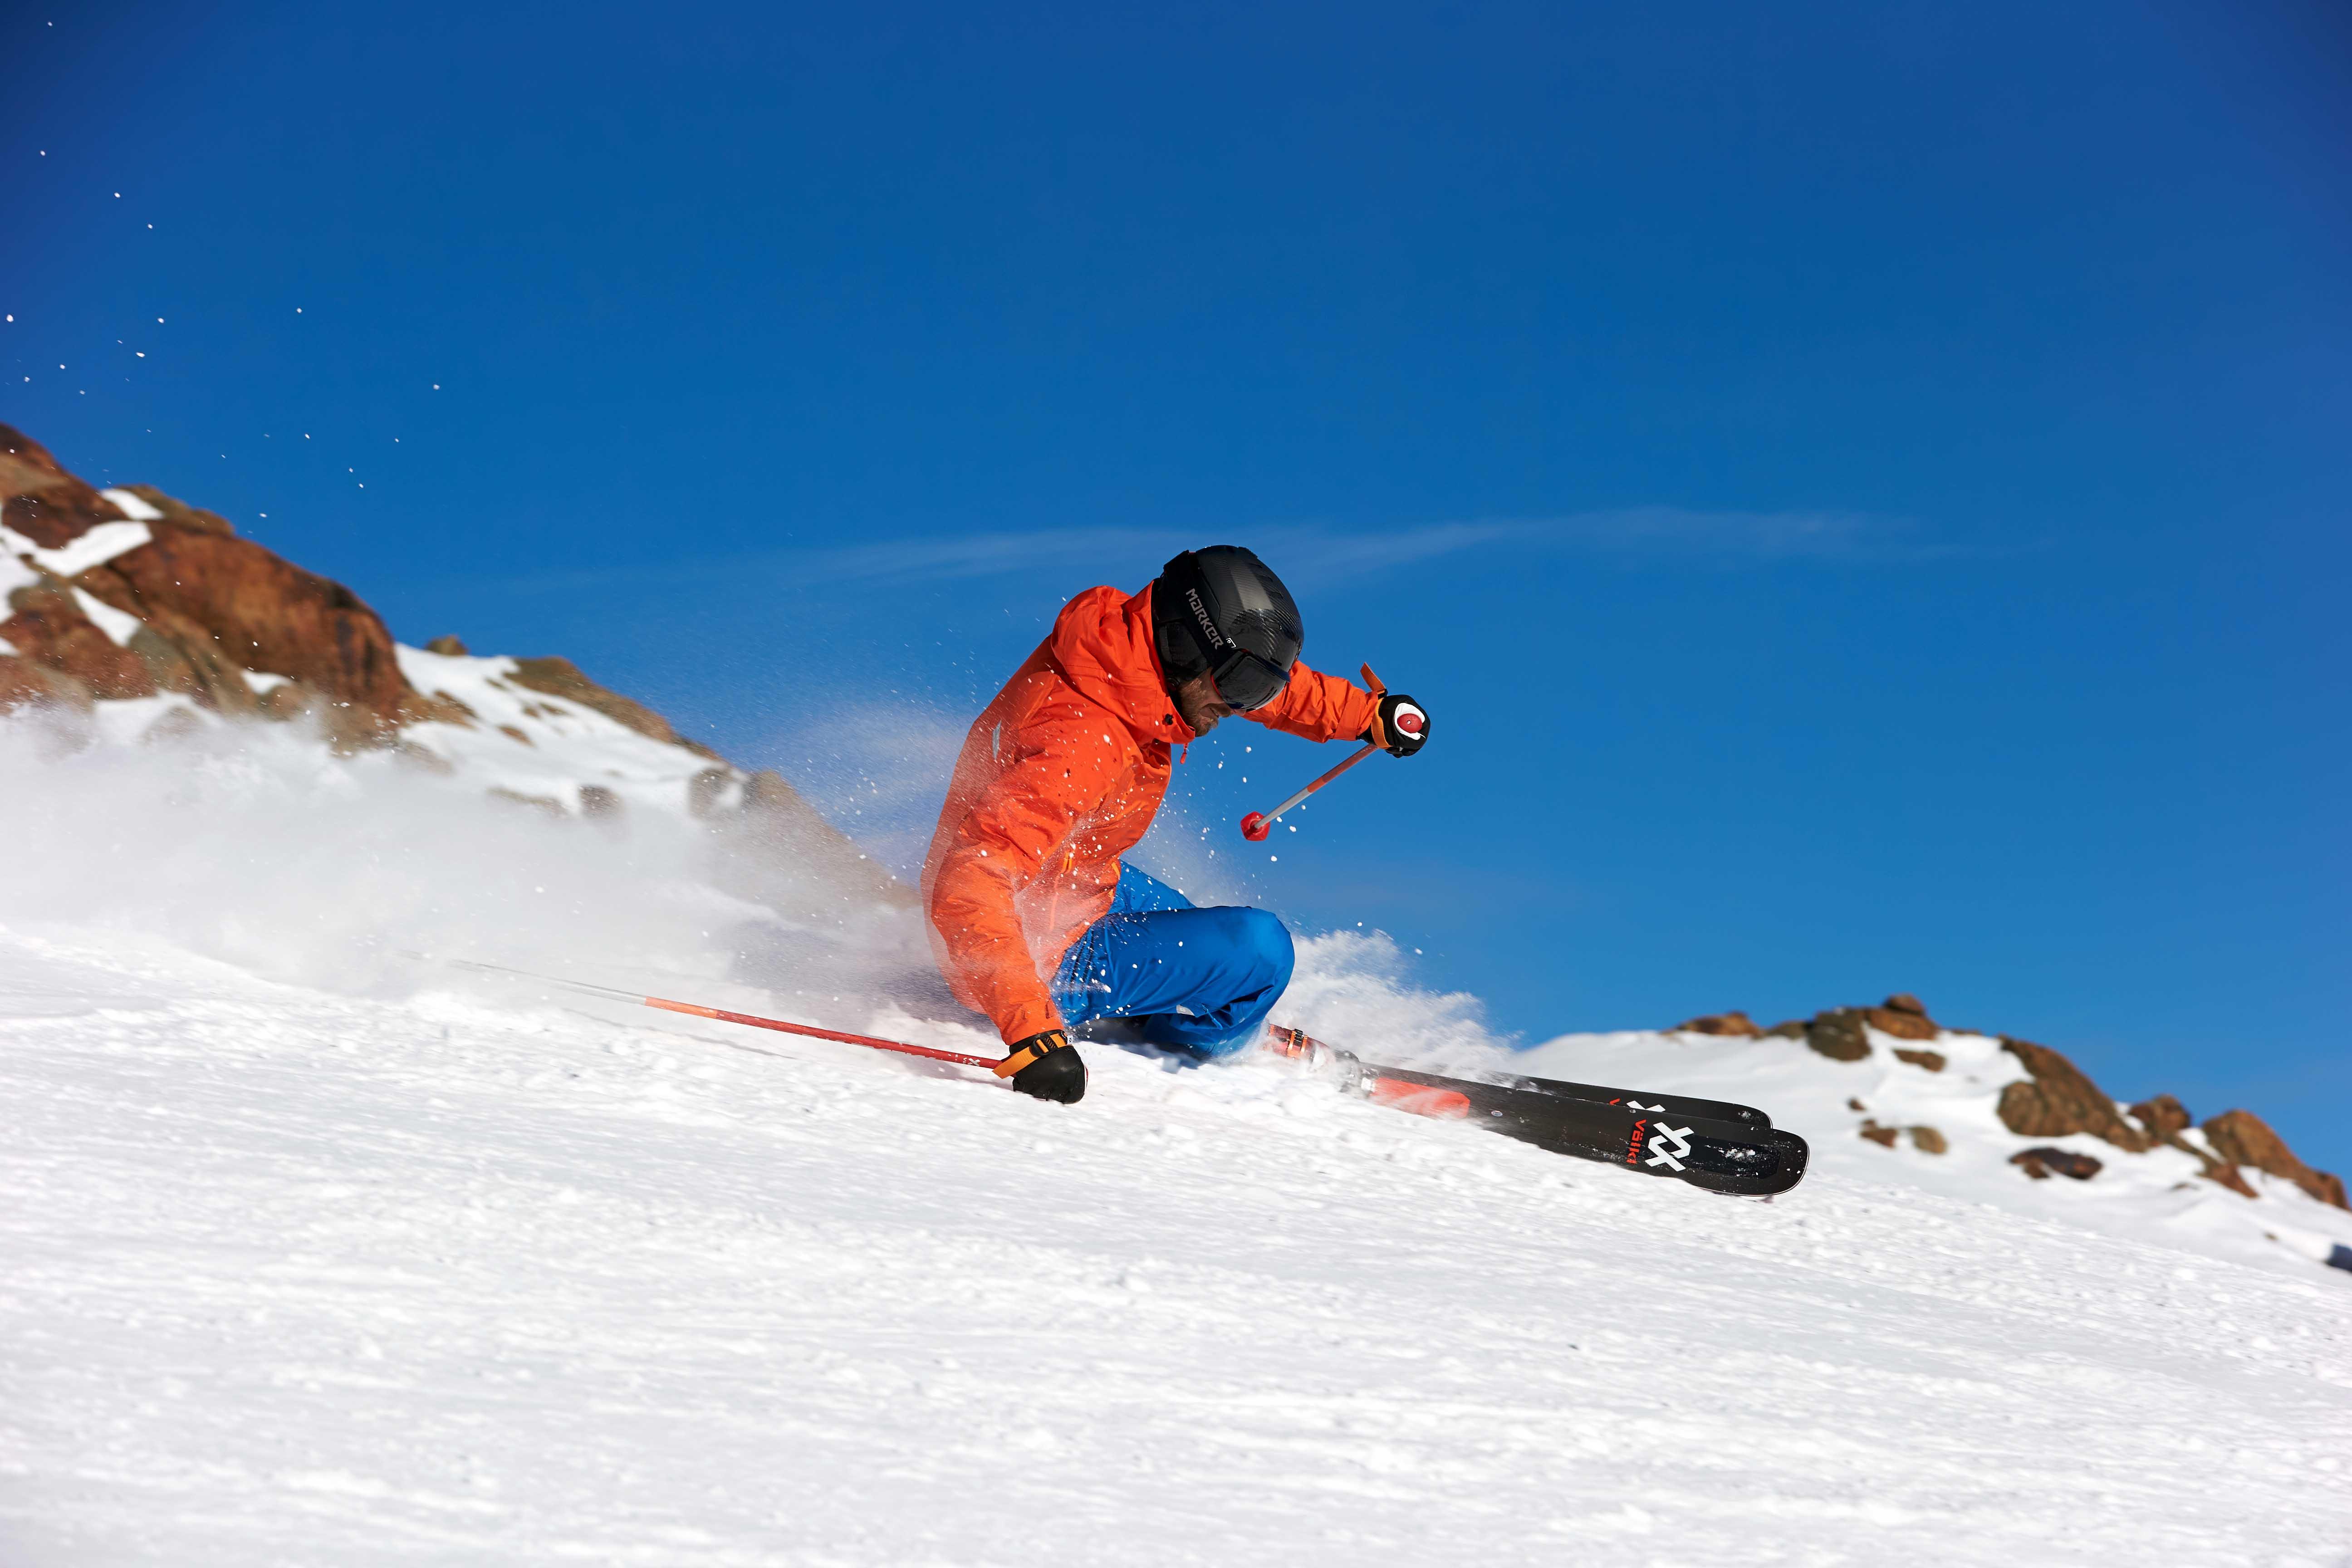 Volkl Kendo vs Volkl Mantra M5 Snow+Rock Ski Review